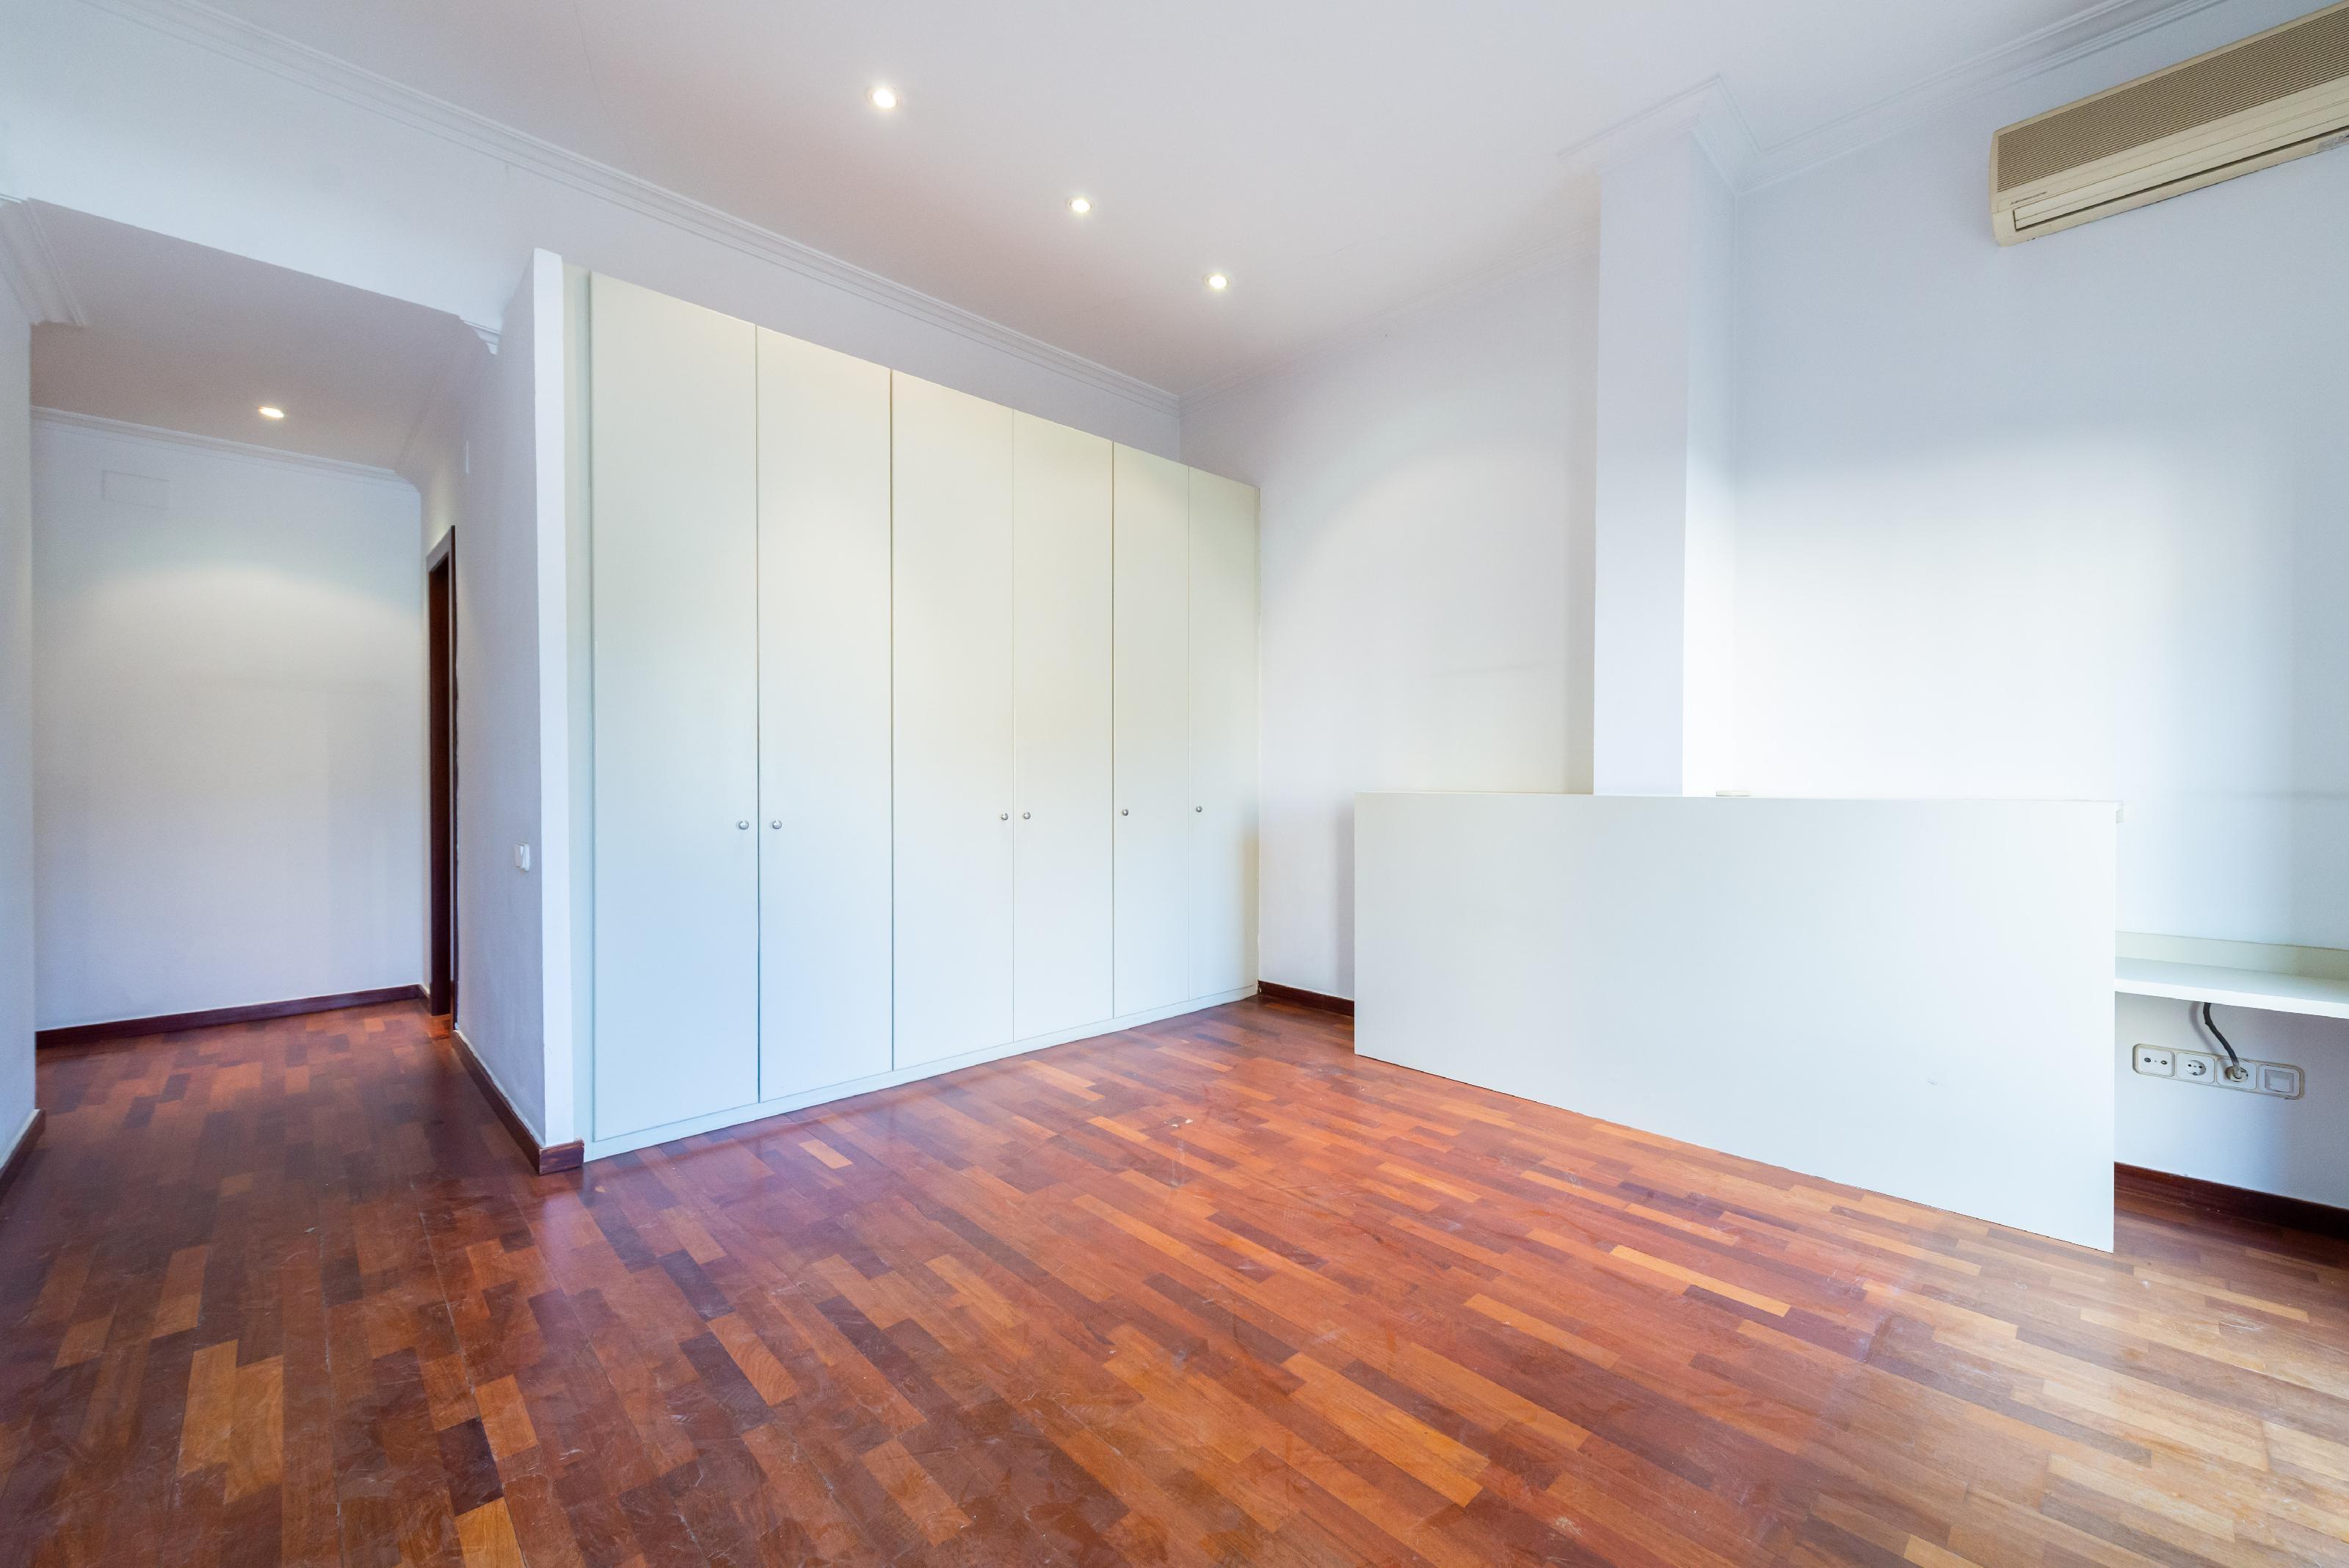 246020 Flat for sale in Sarrià-Sant Gervasi, Sarrià 21